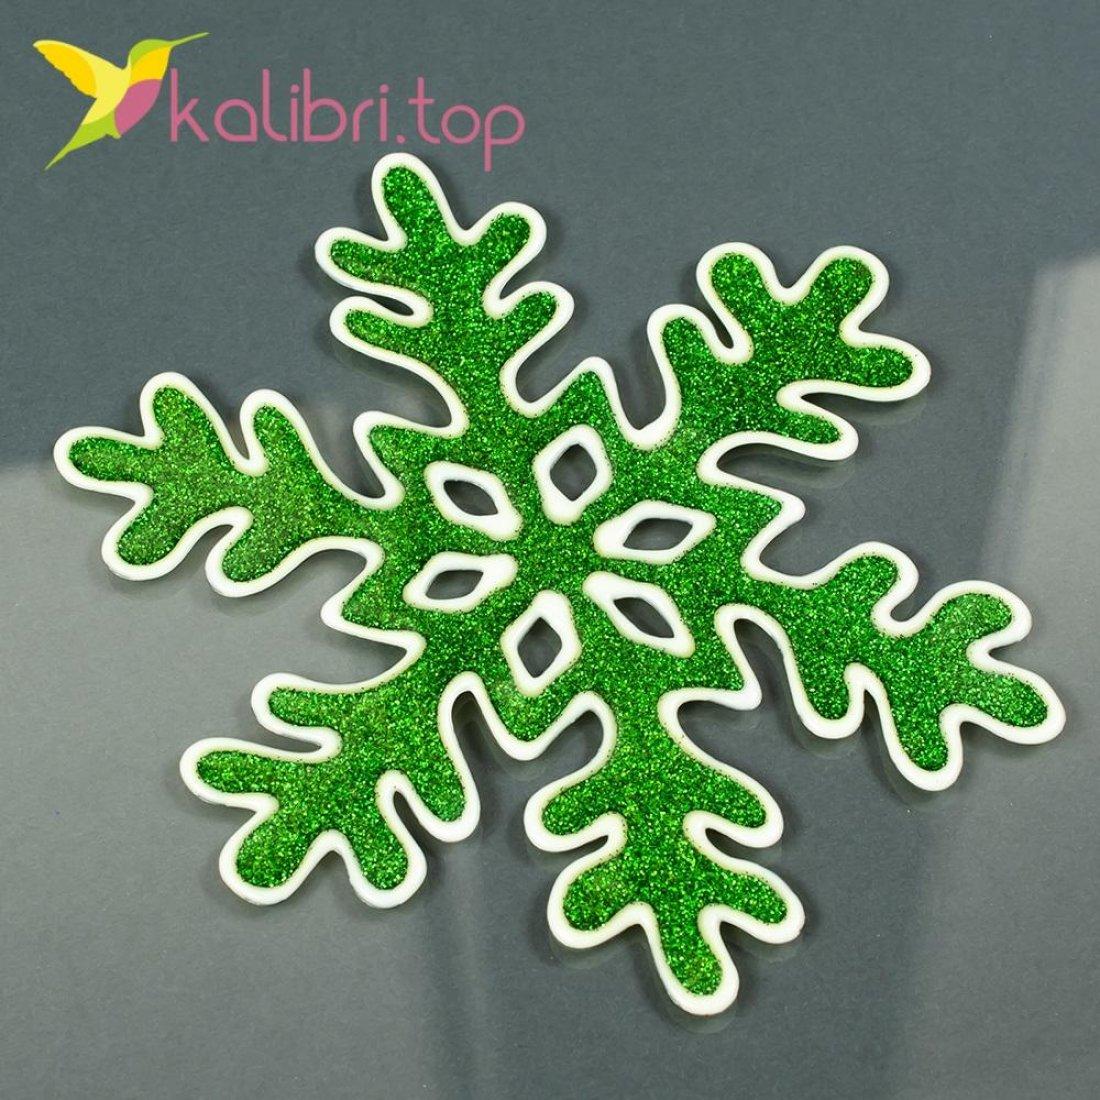 Новогодние силиконовые наклейки на окна Снежинки оптом фото 125